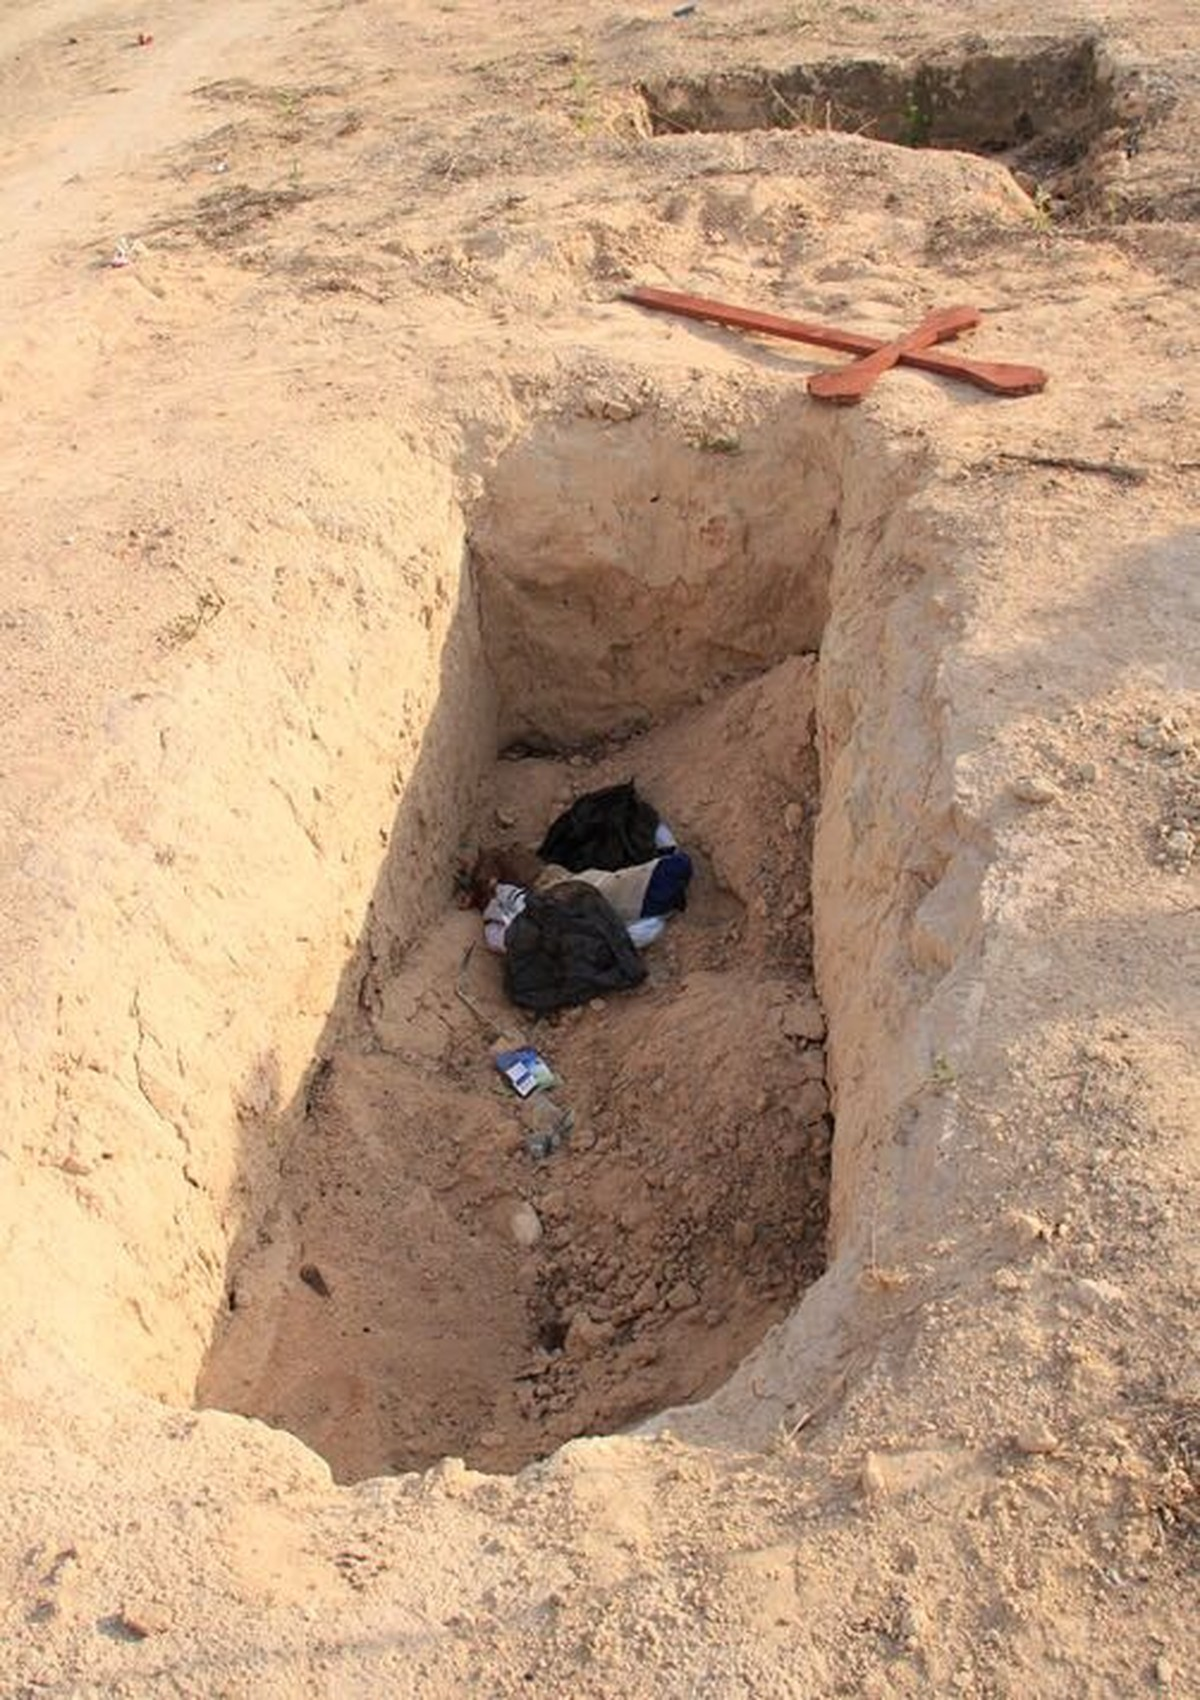 Perna humana é encontrada em cova aberta de cemitério em Sinop (MT)